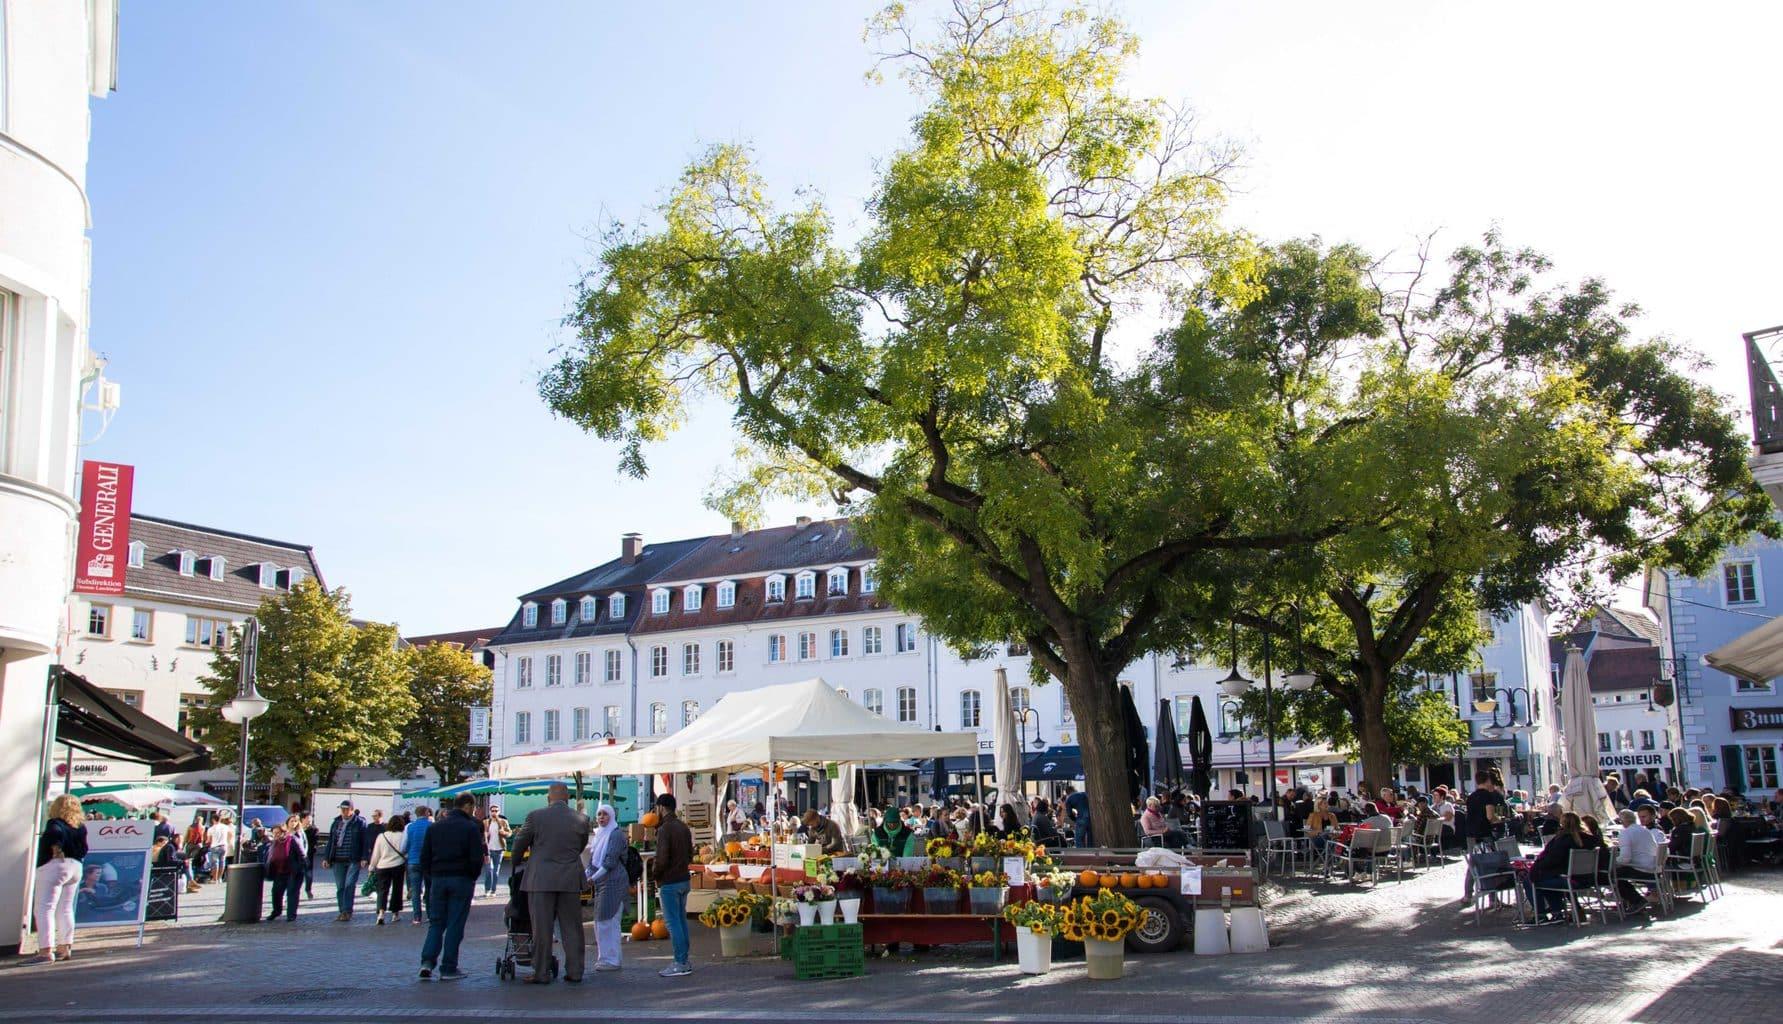 De St. Johannermarkt in Saarbrücken is ook bij fietsers populair